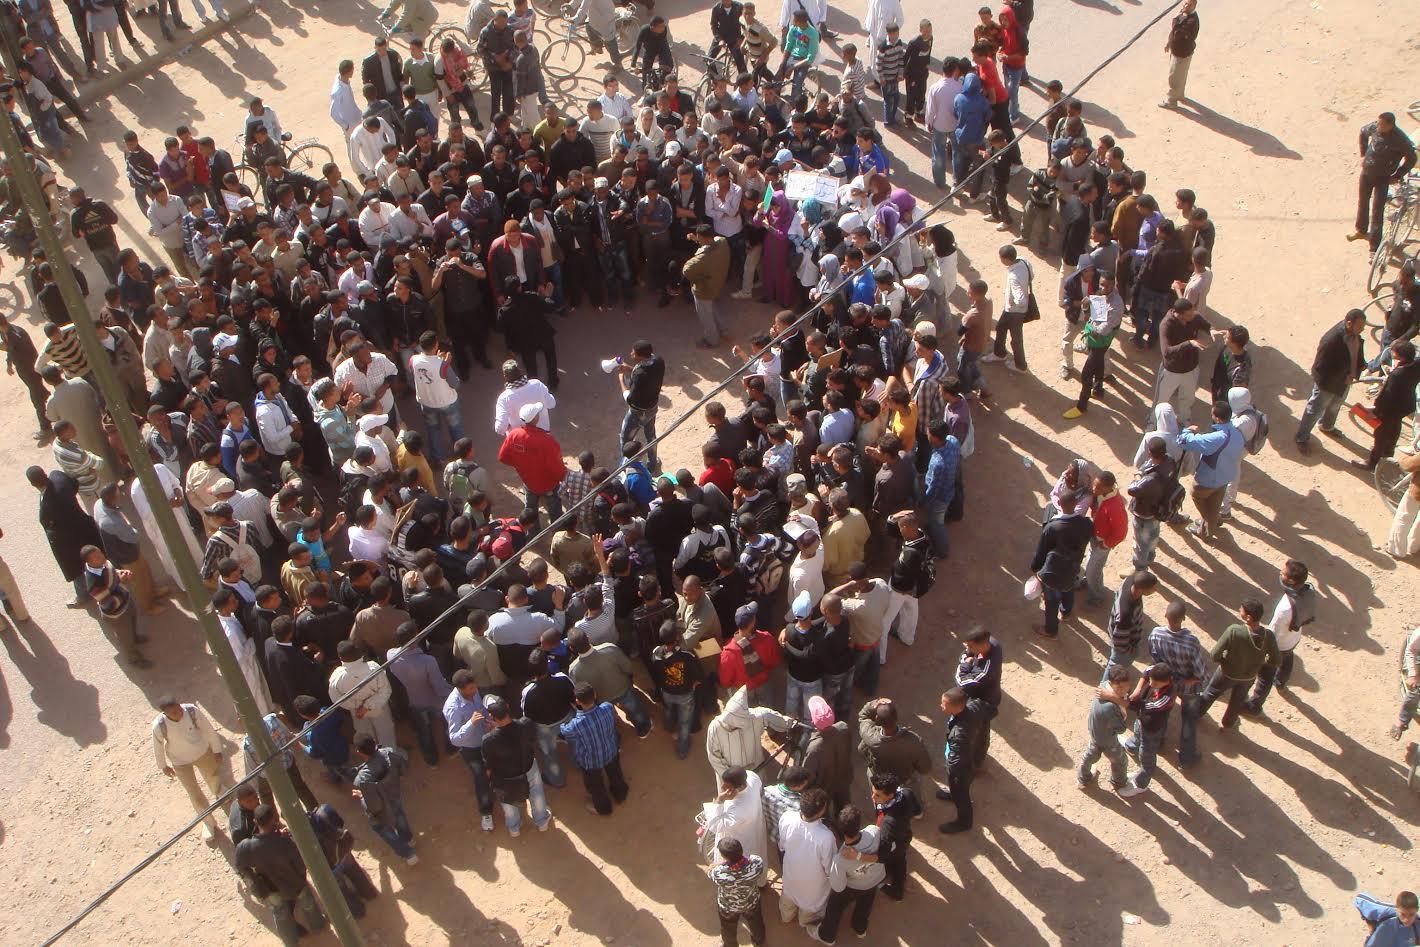 زاكورة: المجتمع المدني بتازارين يندد بالأوضاع المزرية التي تعيشها المنطقة